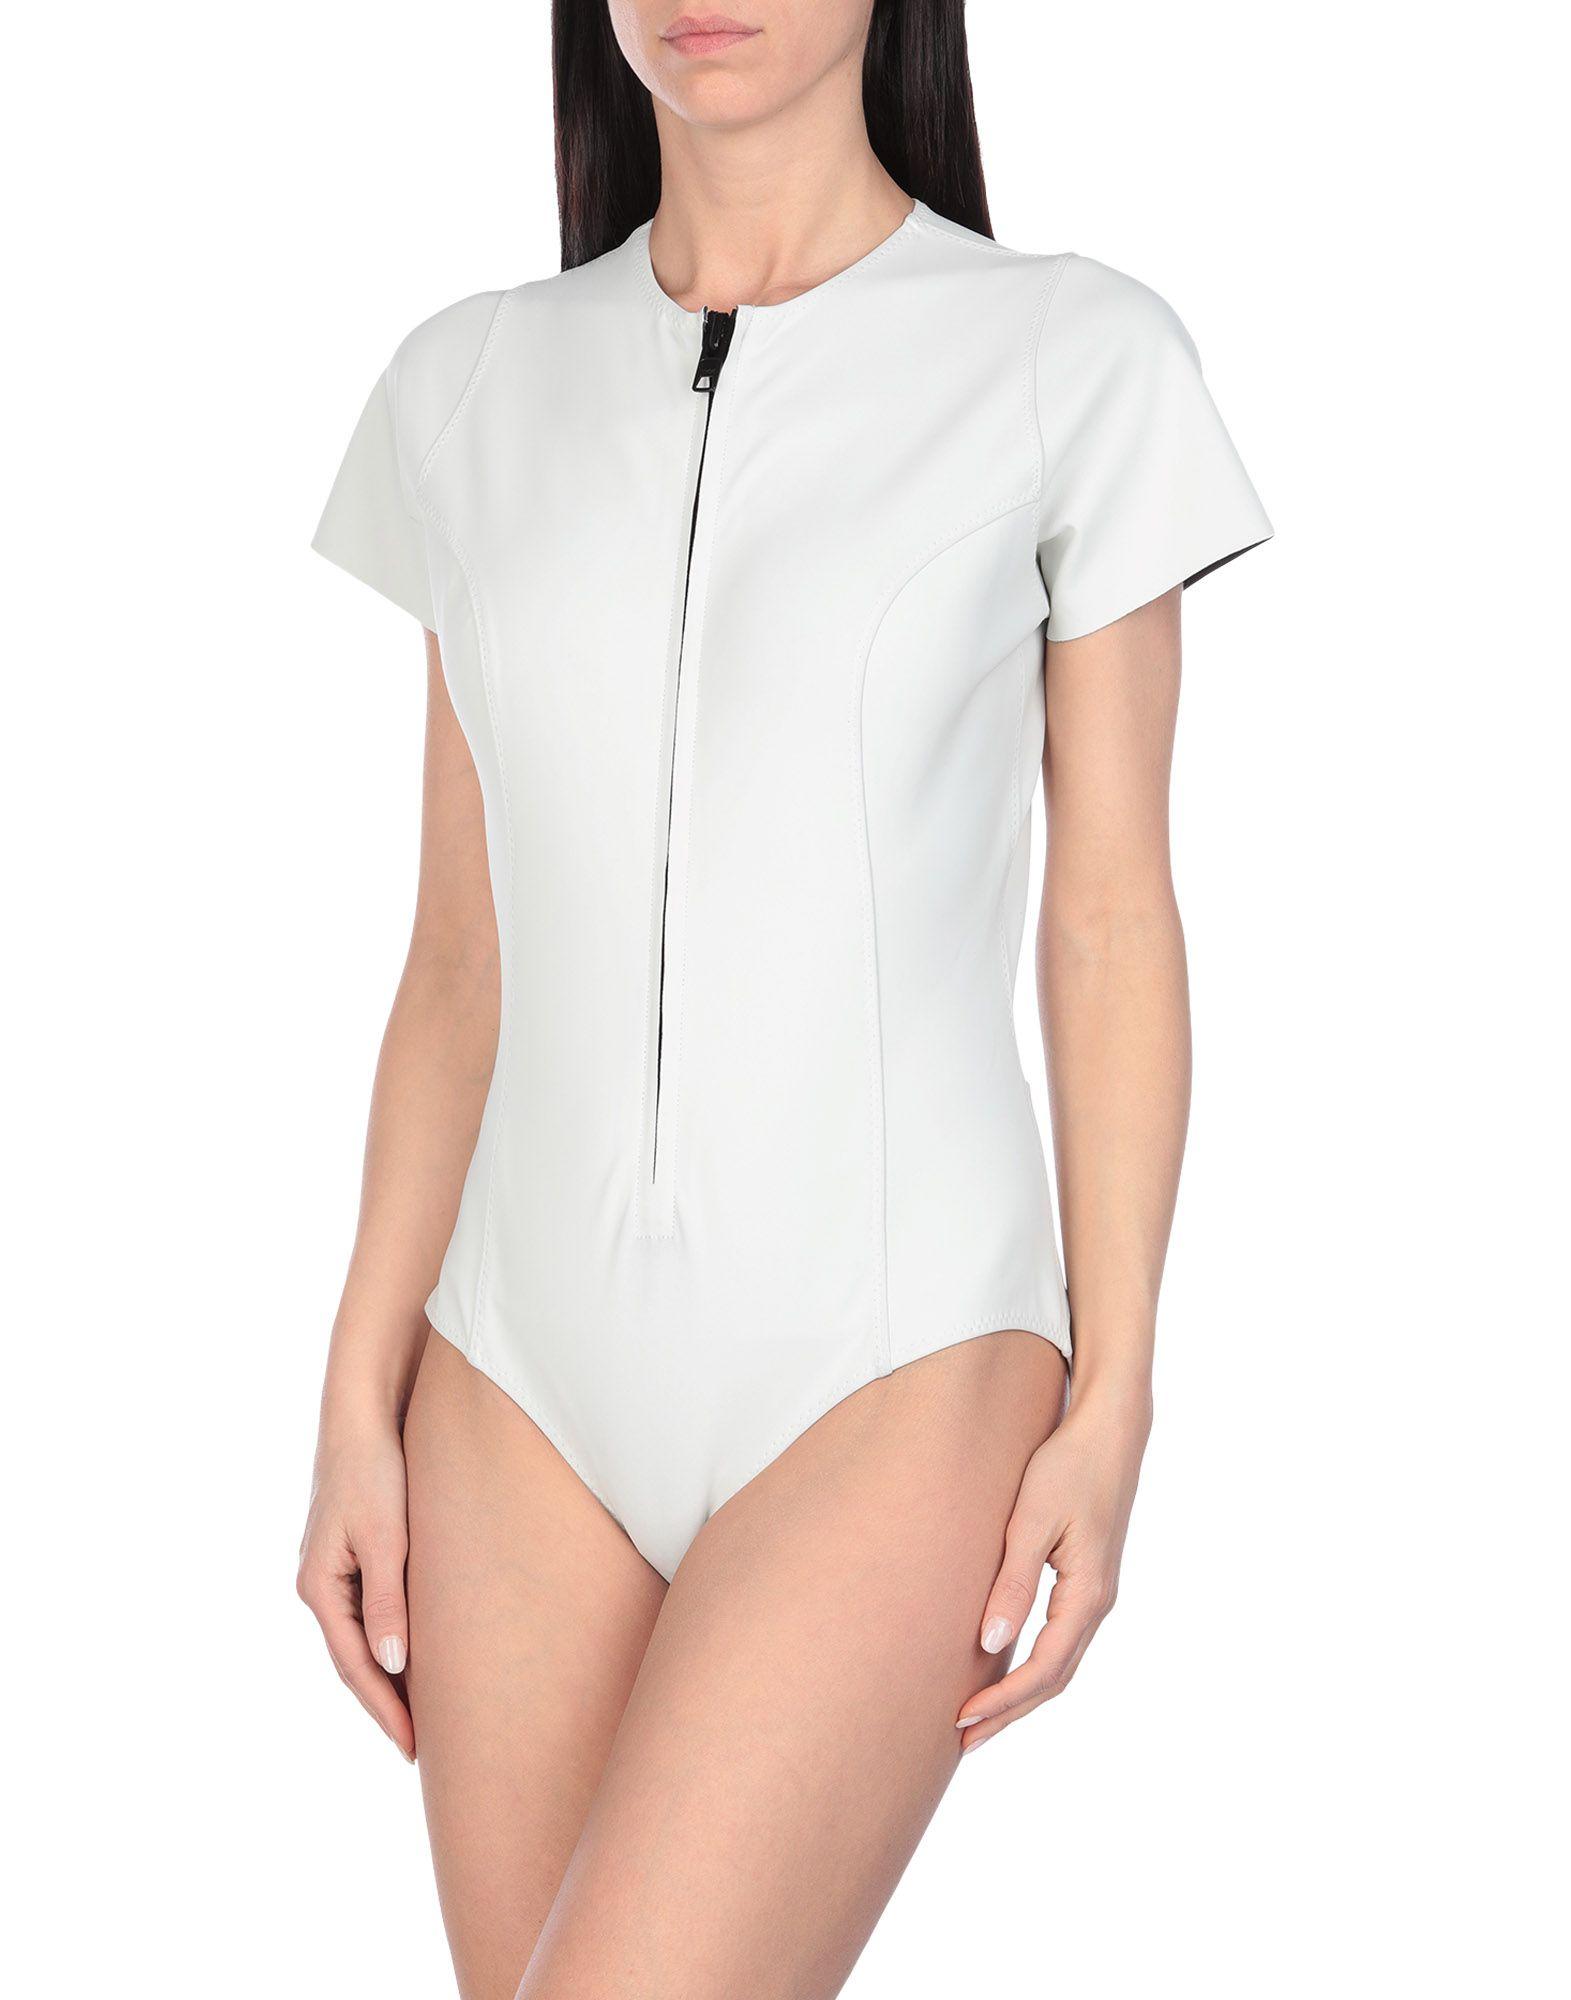 f2d09a10dff Lisa Marie Fernandez One-Piece Swimsuits - Women Lisa Marie ...